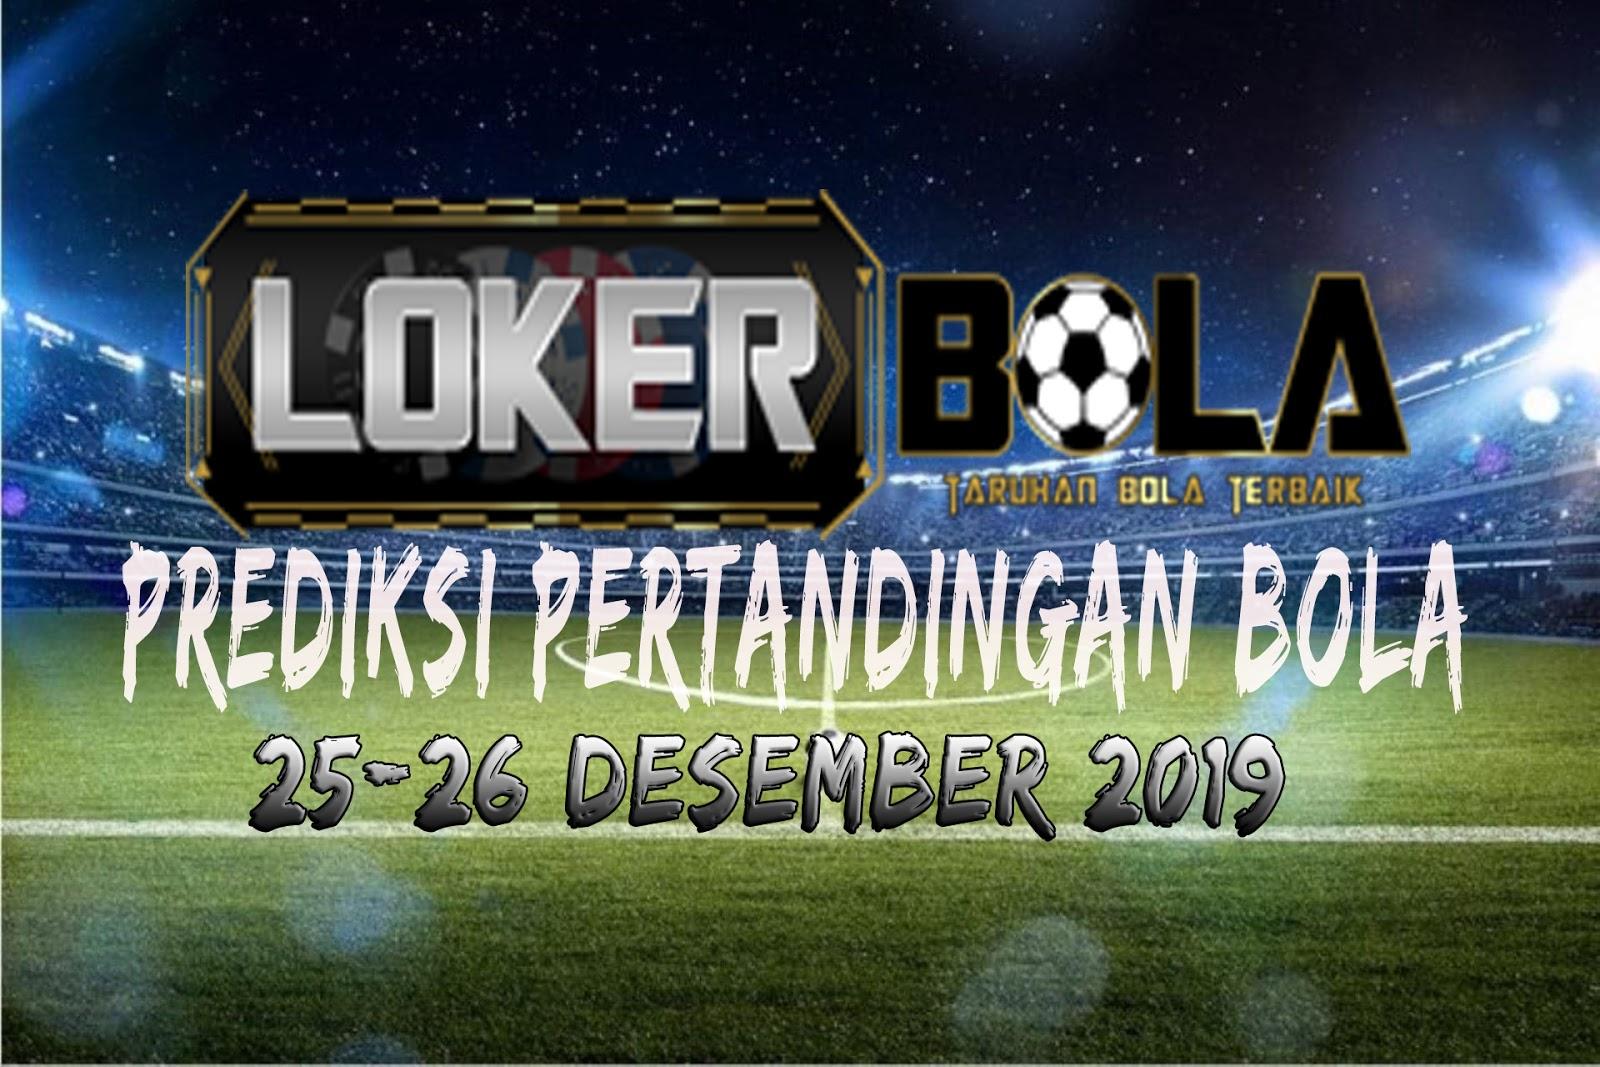 PREDIKSI  PERTANDINGAN BOLA 25-26 DESEMBER 2019